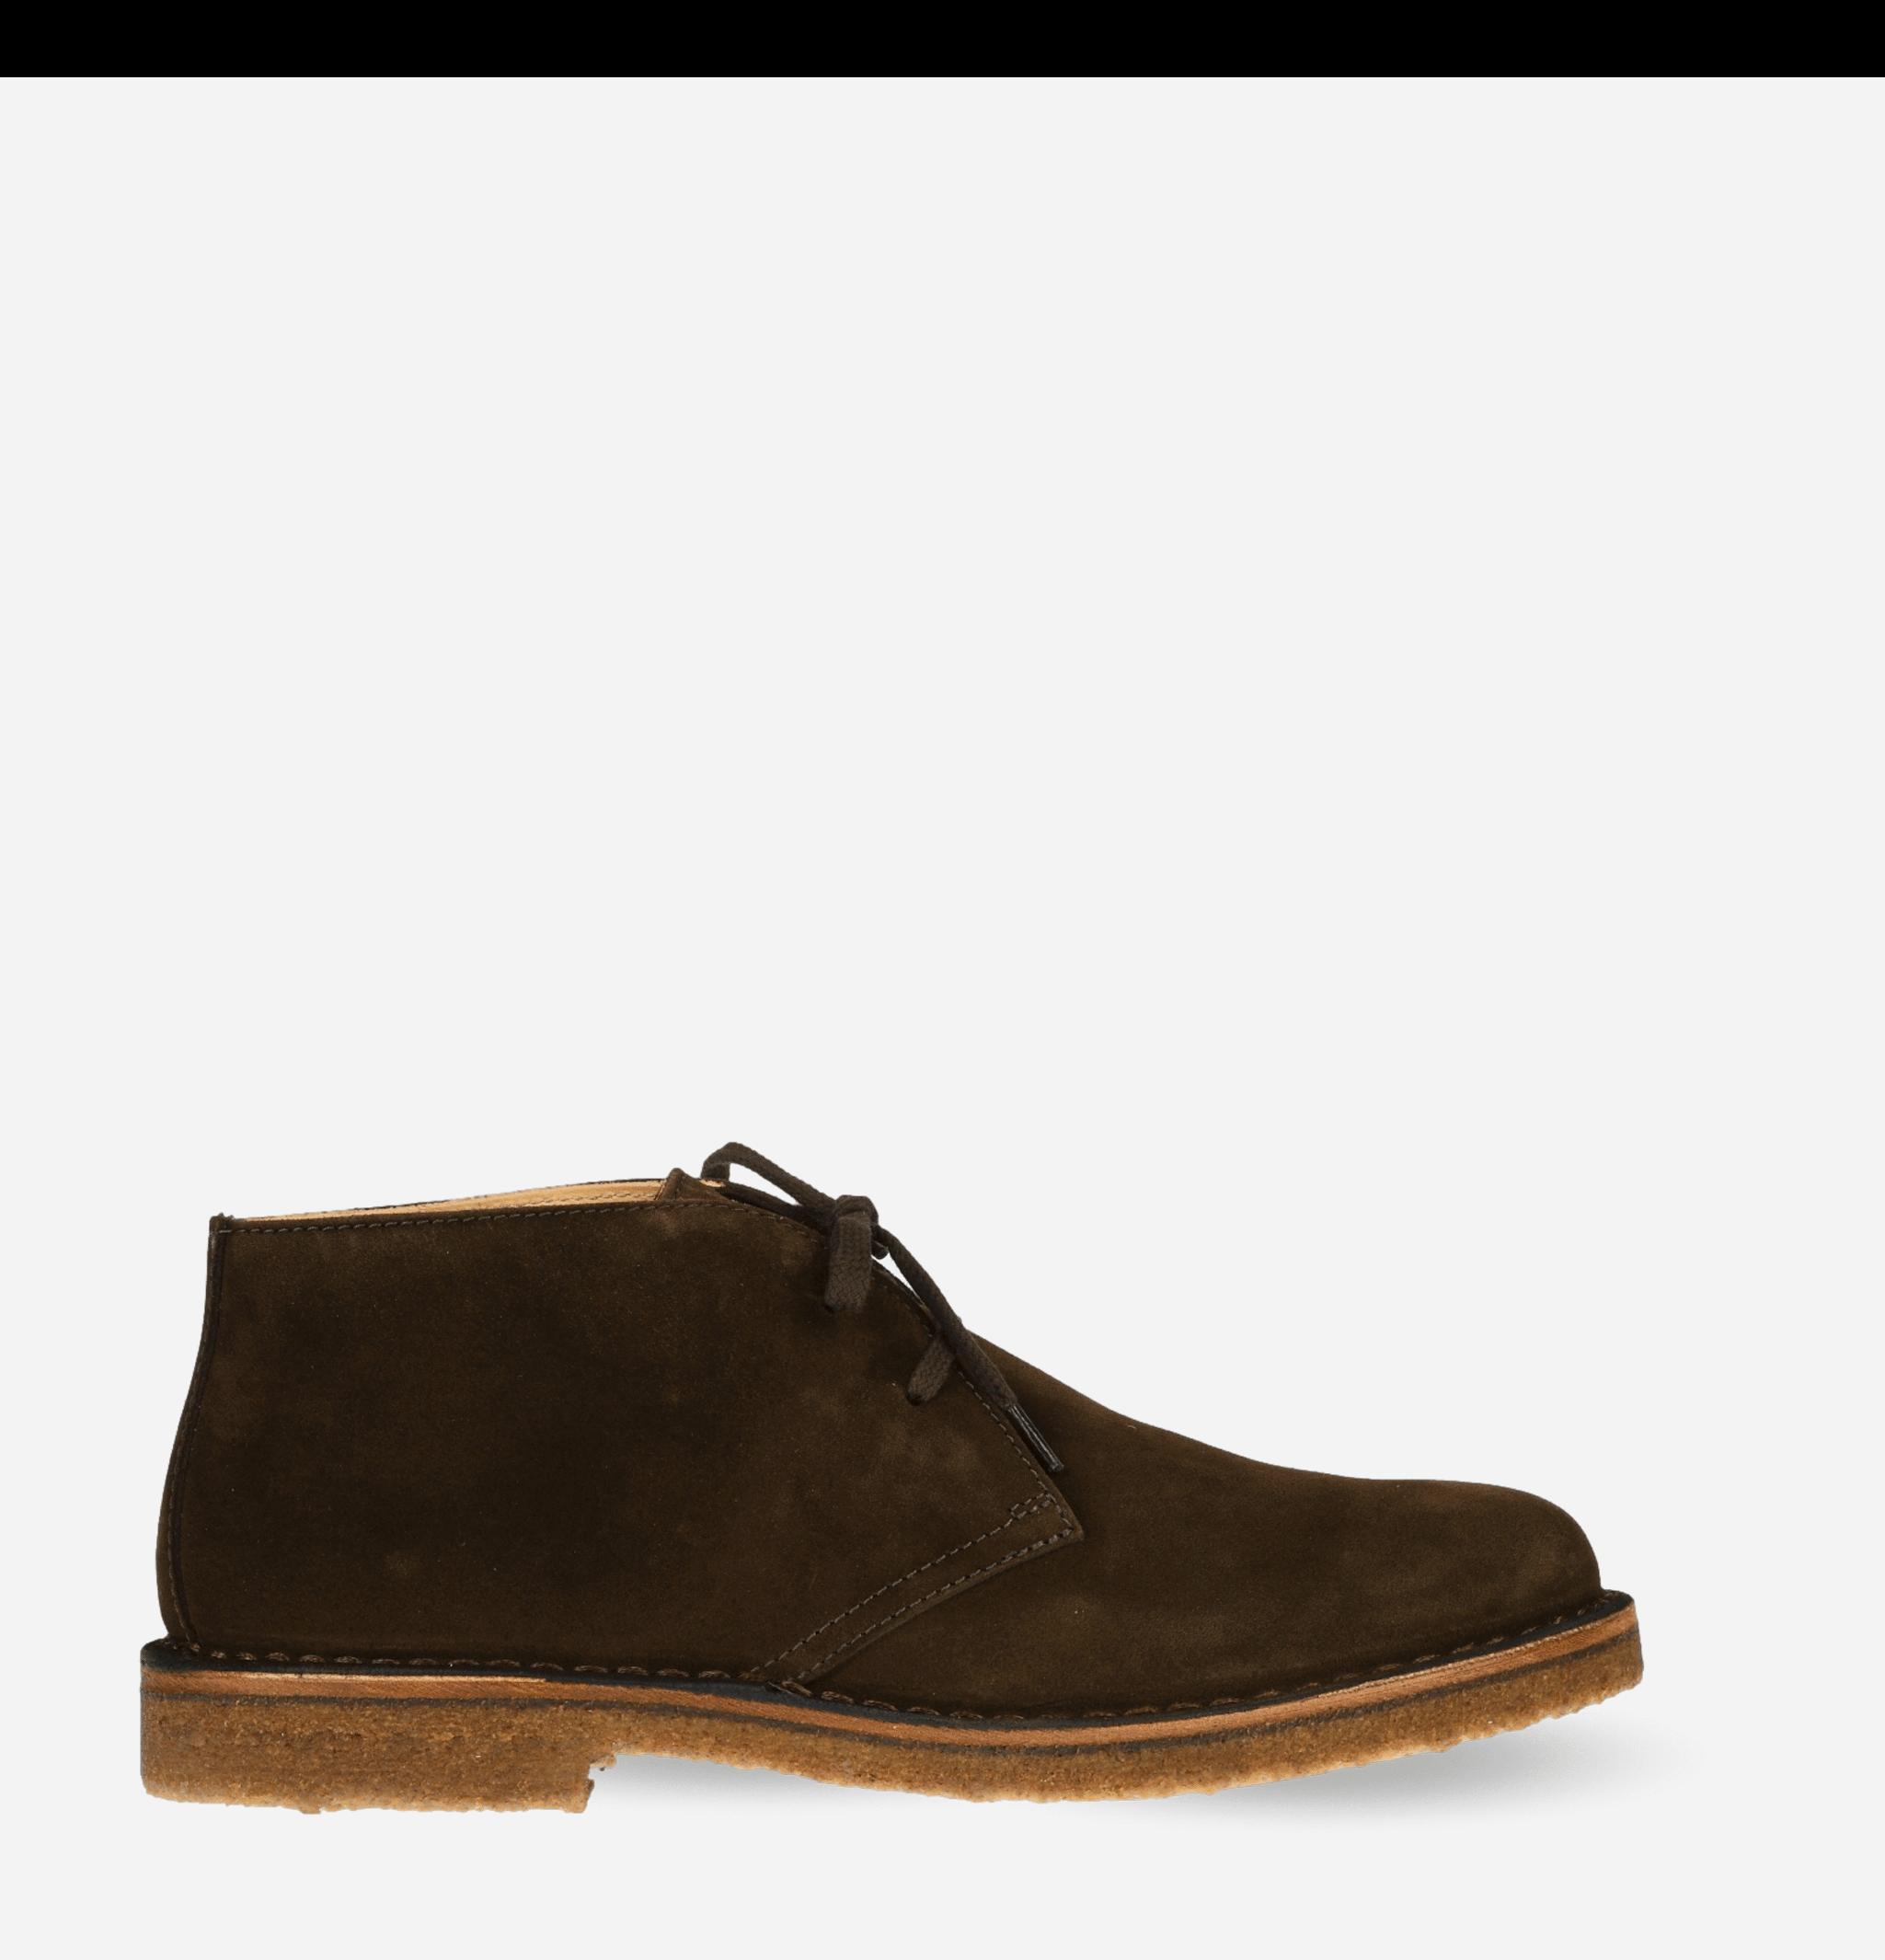 Greenflex Boots Dark Chestnut